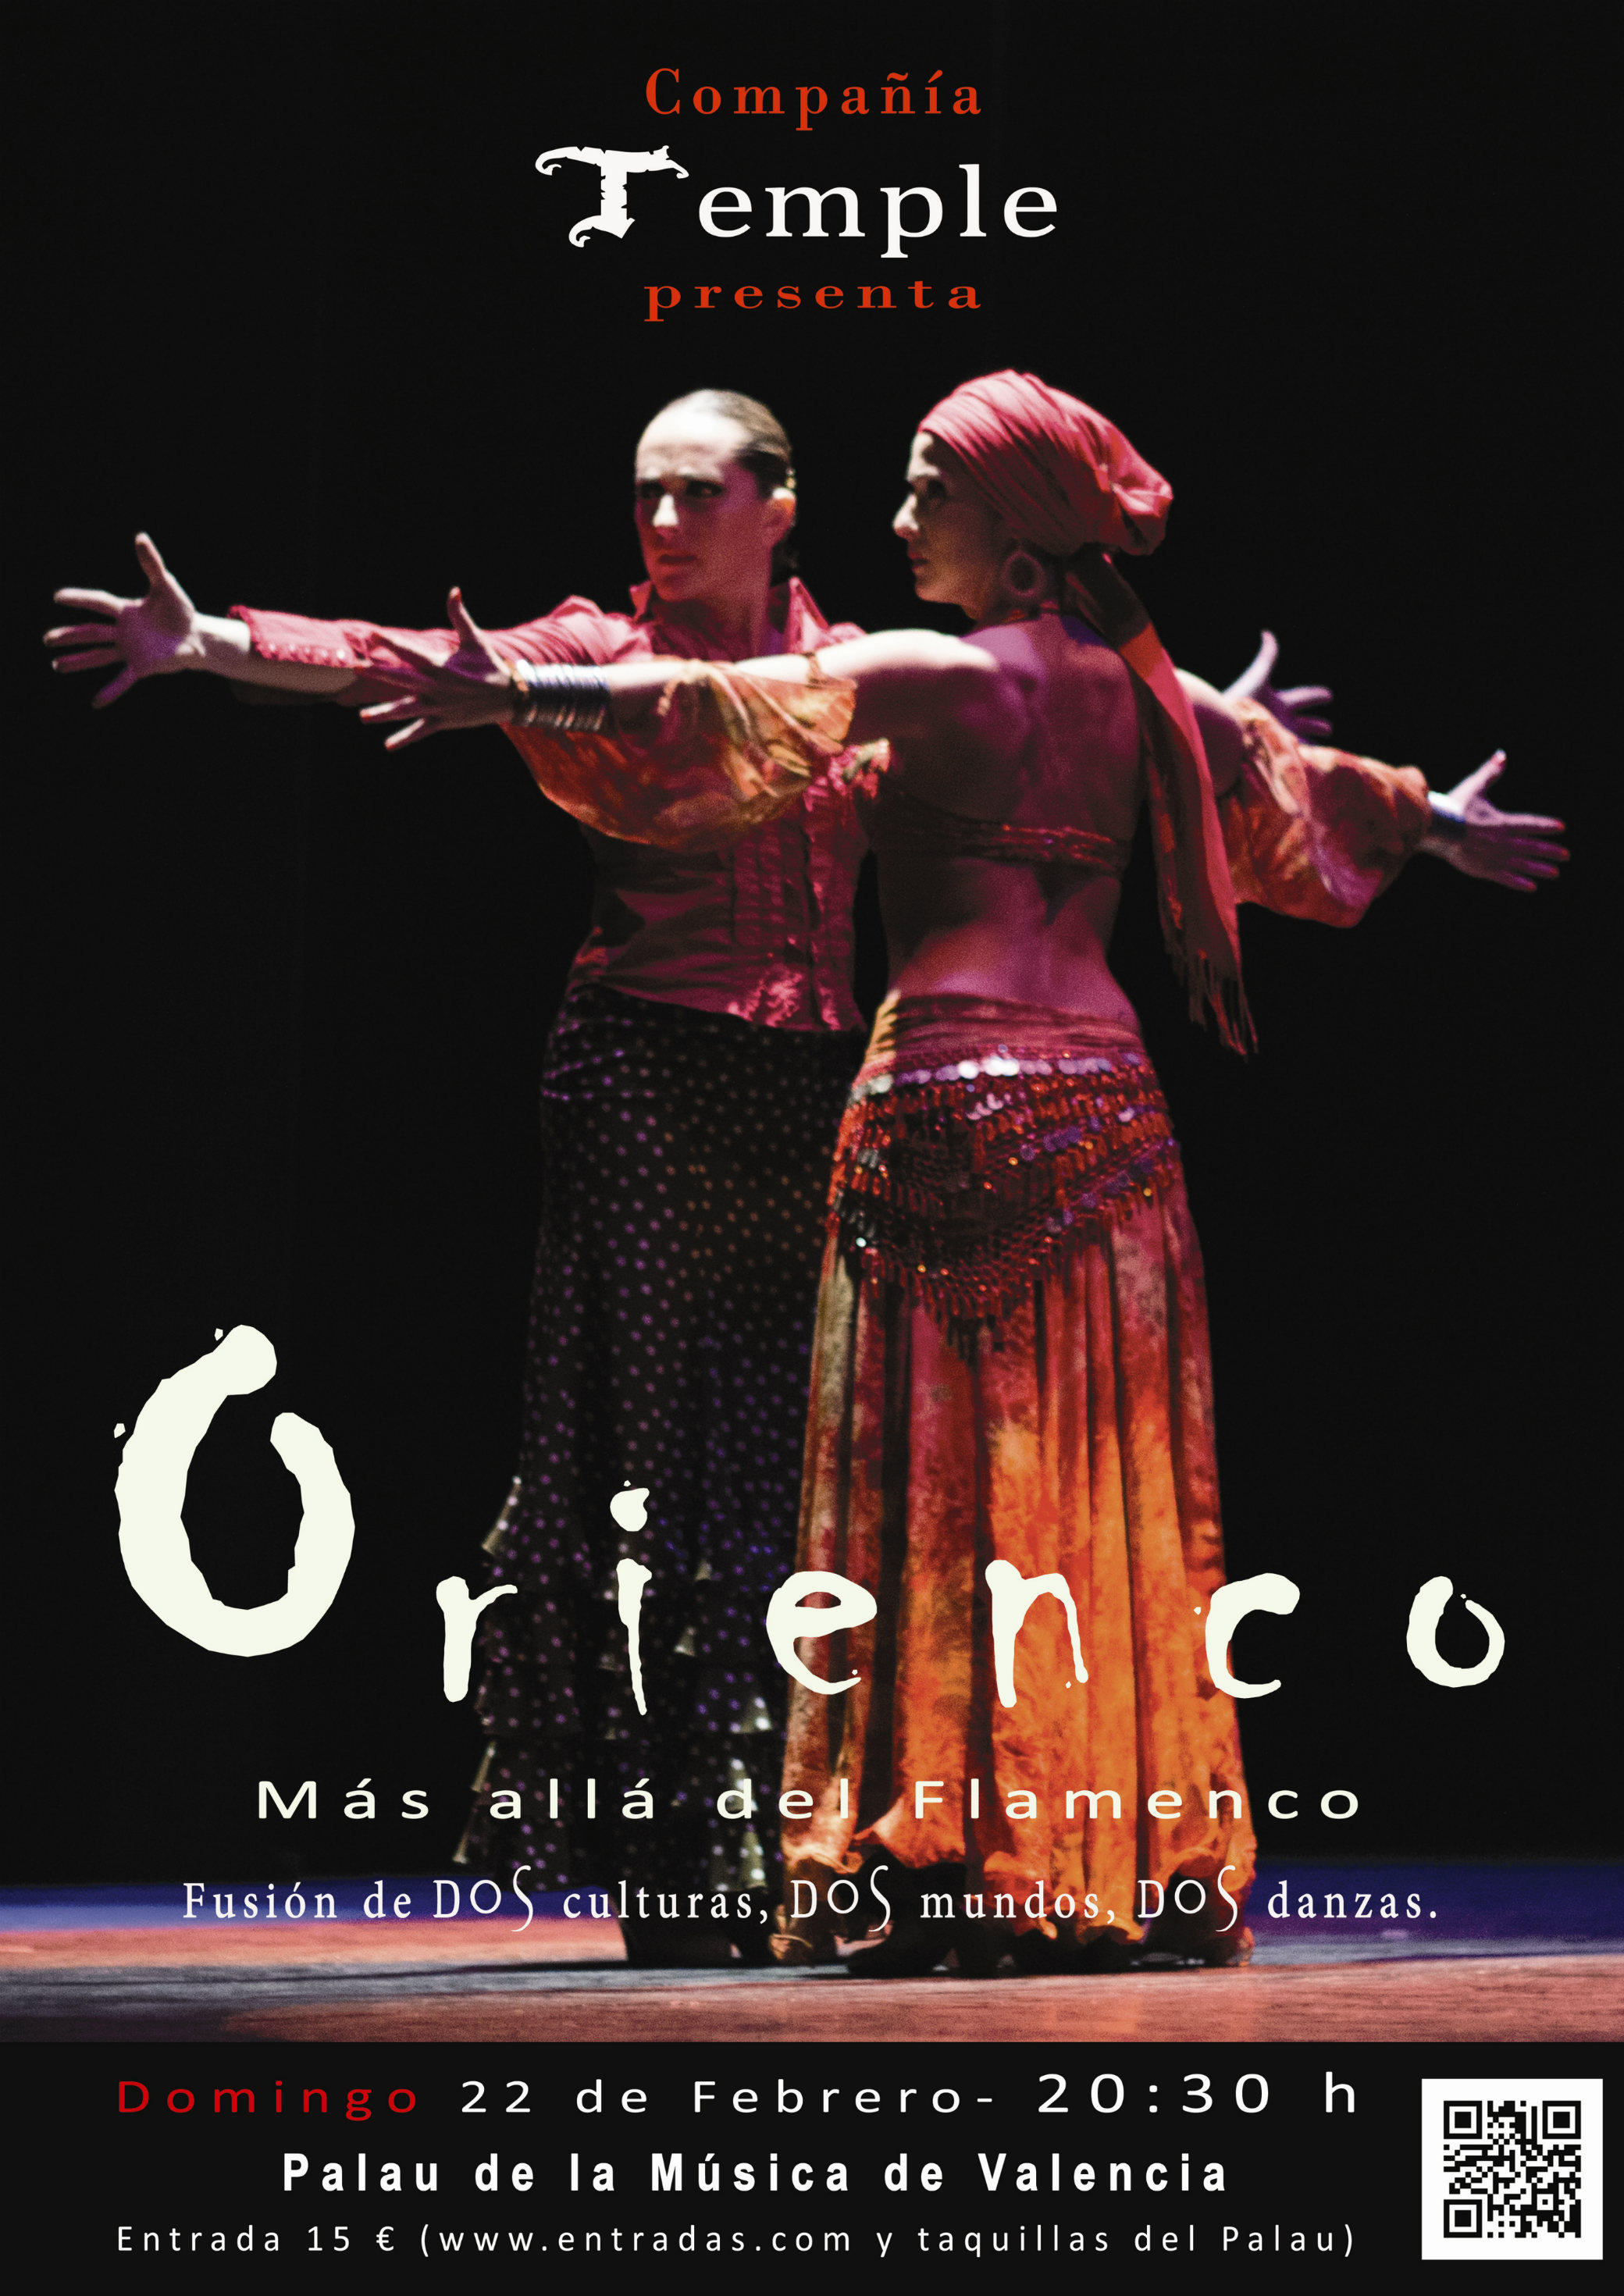 Compañia Orienco